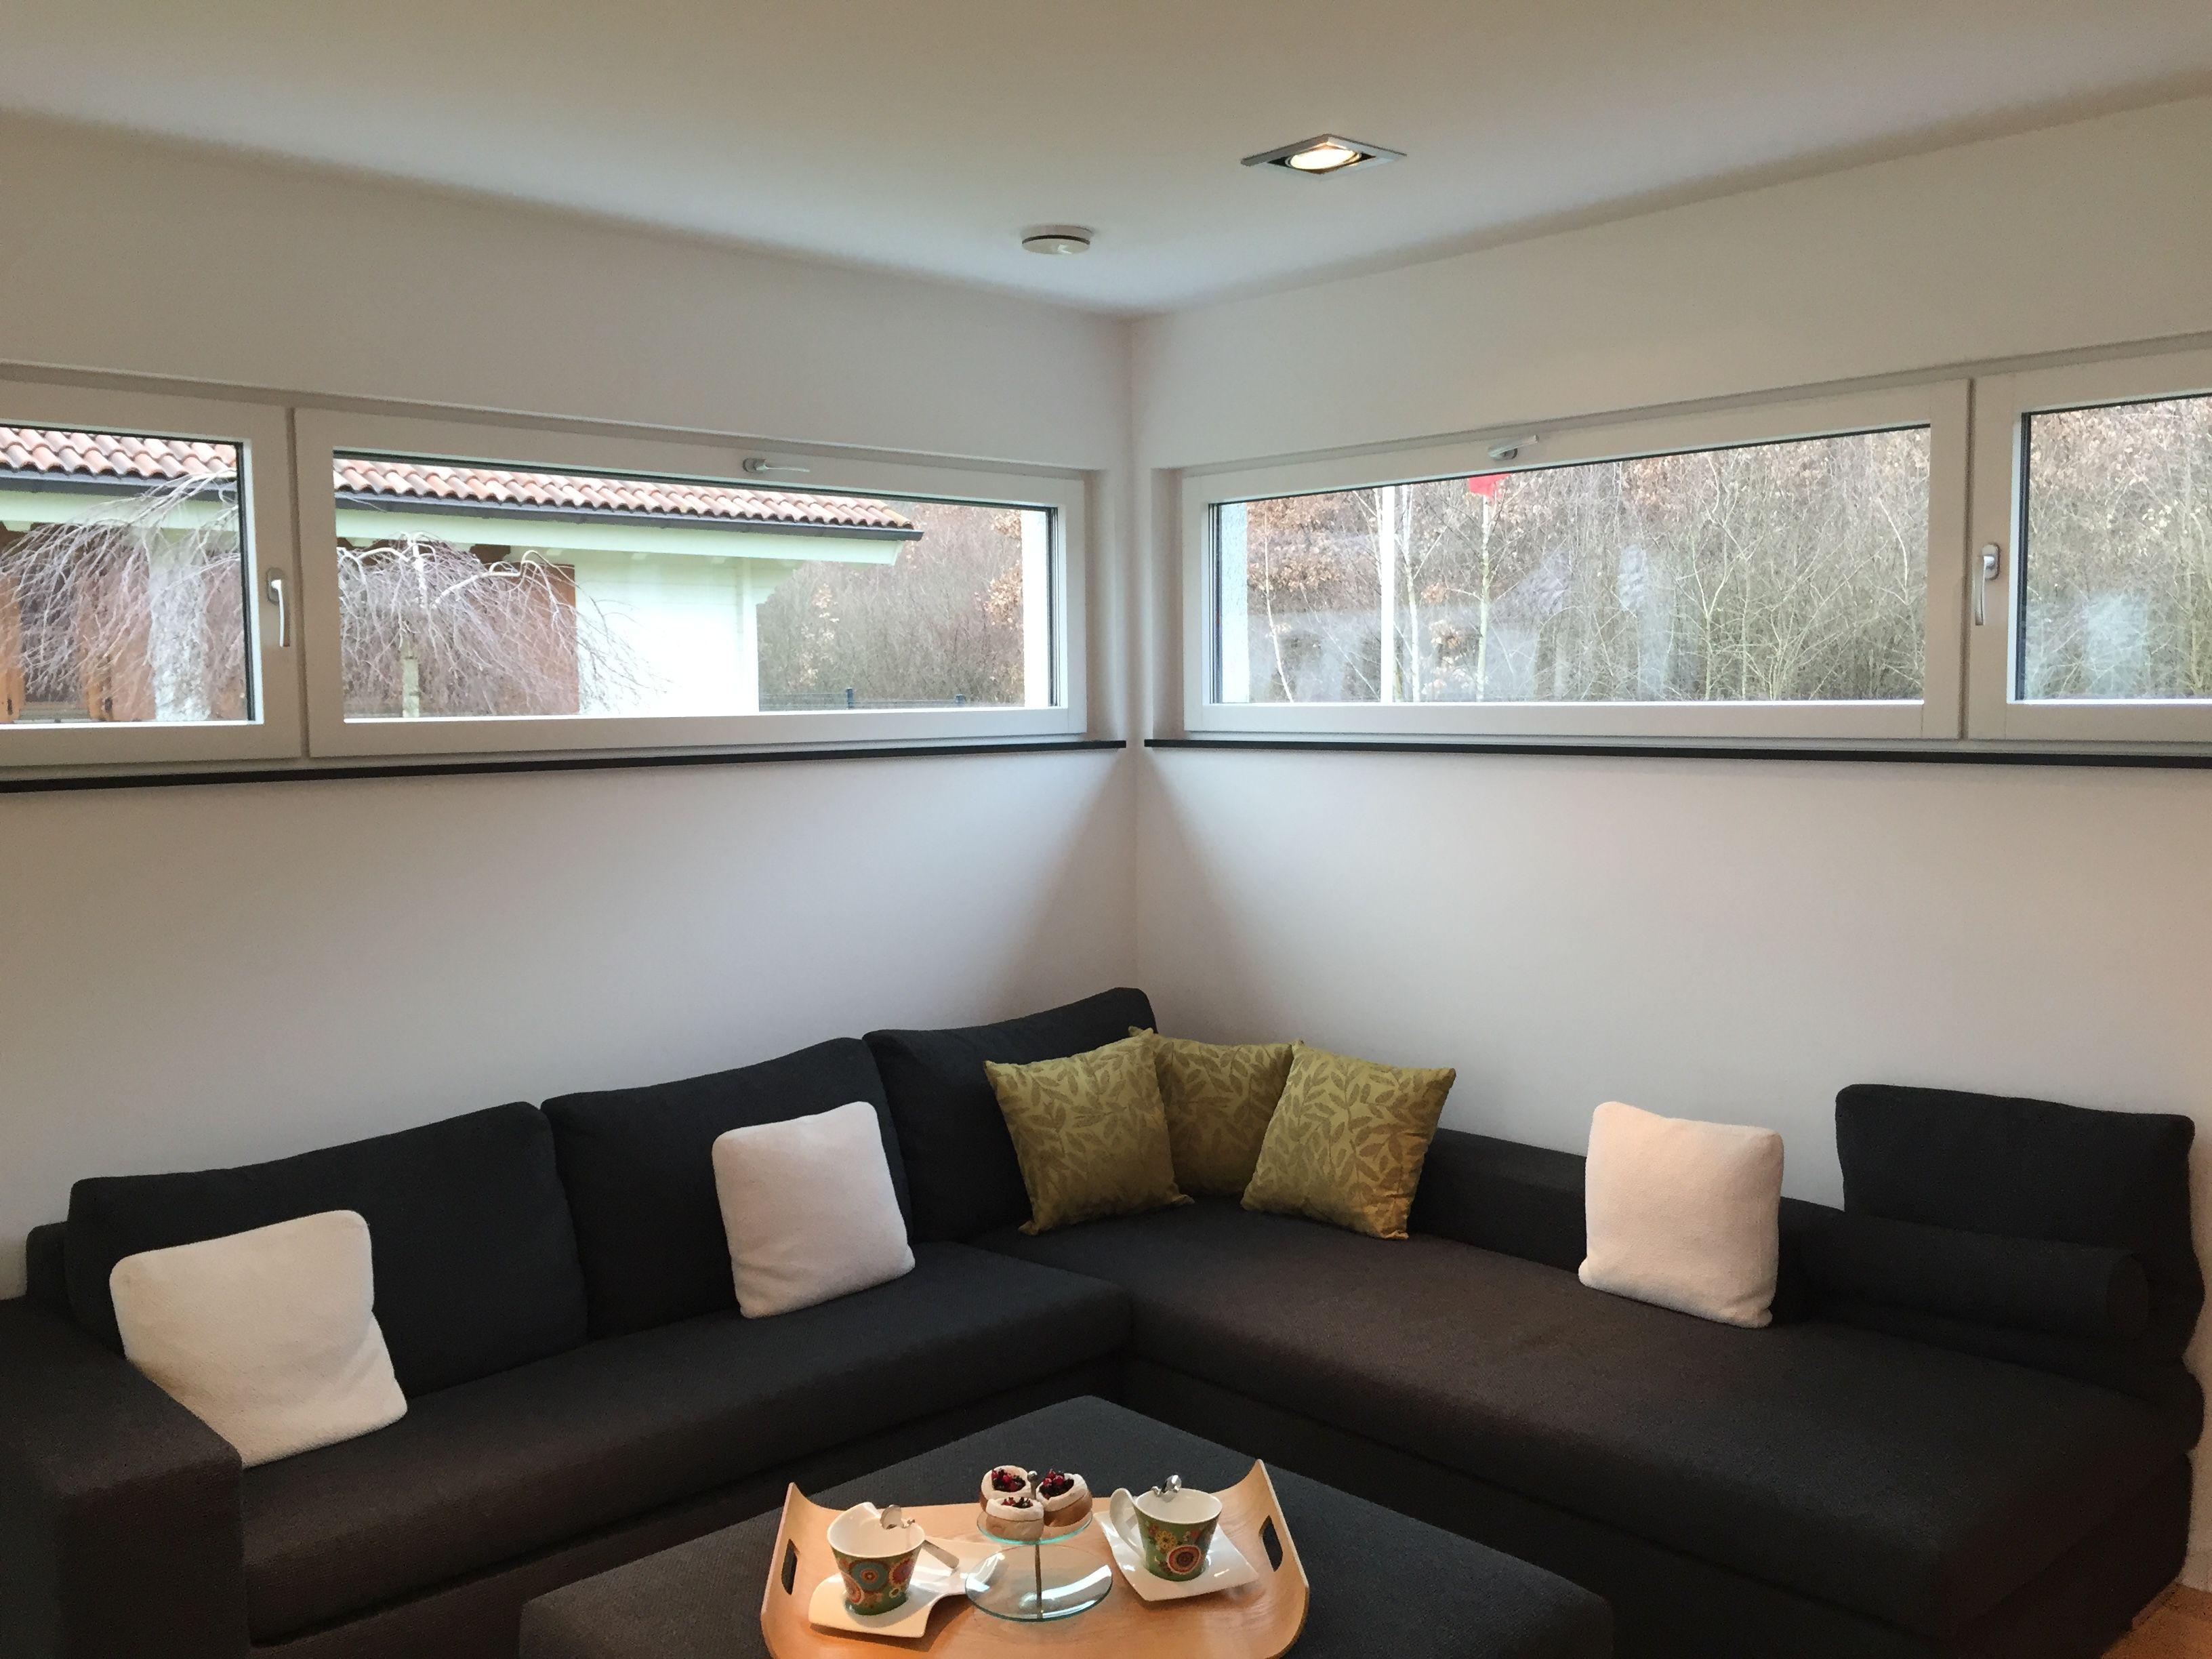 Hohe Fenster über Der Couch